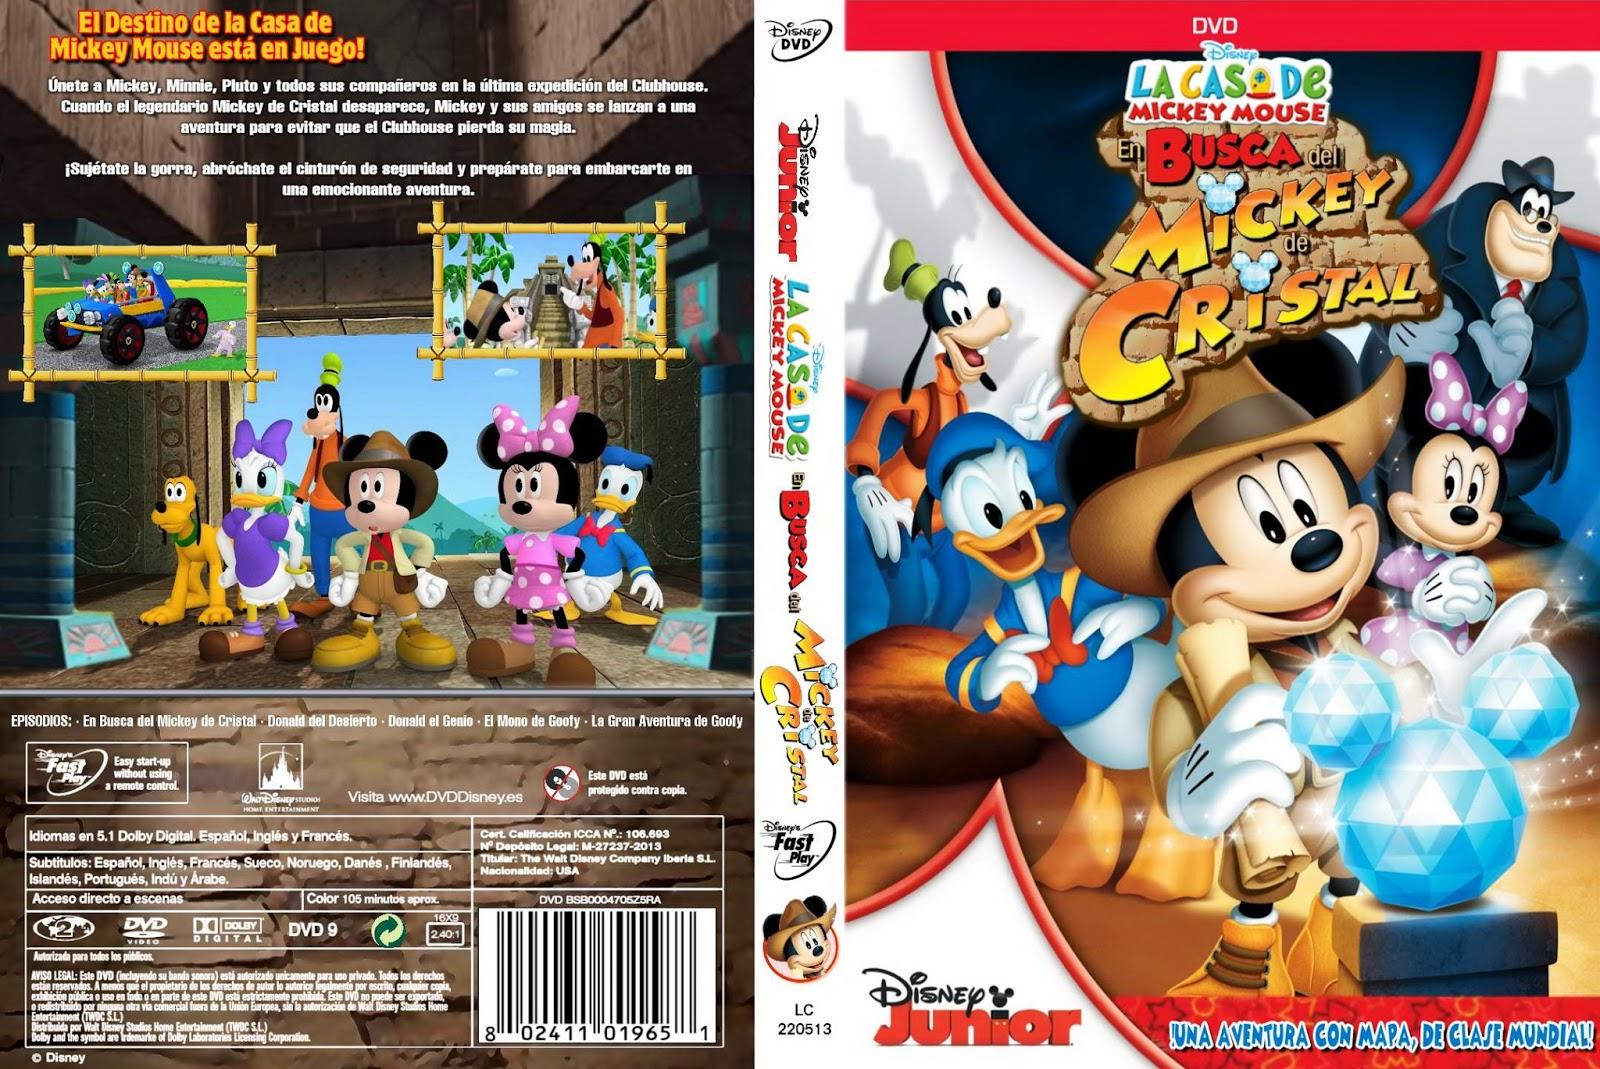 Elcineensusmanos la casa mickey mouse en busca del mickey de cristal infantil - Youtube casa mickey mouse ...